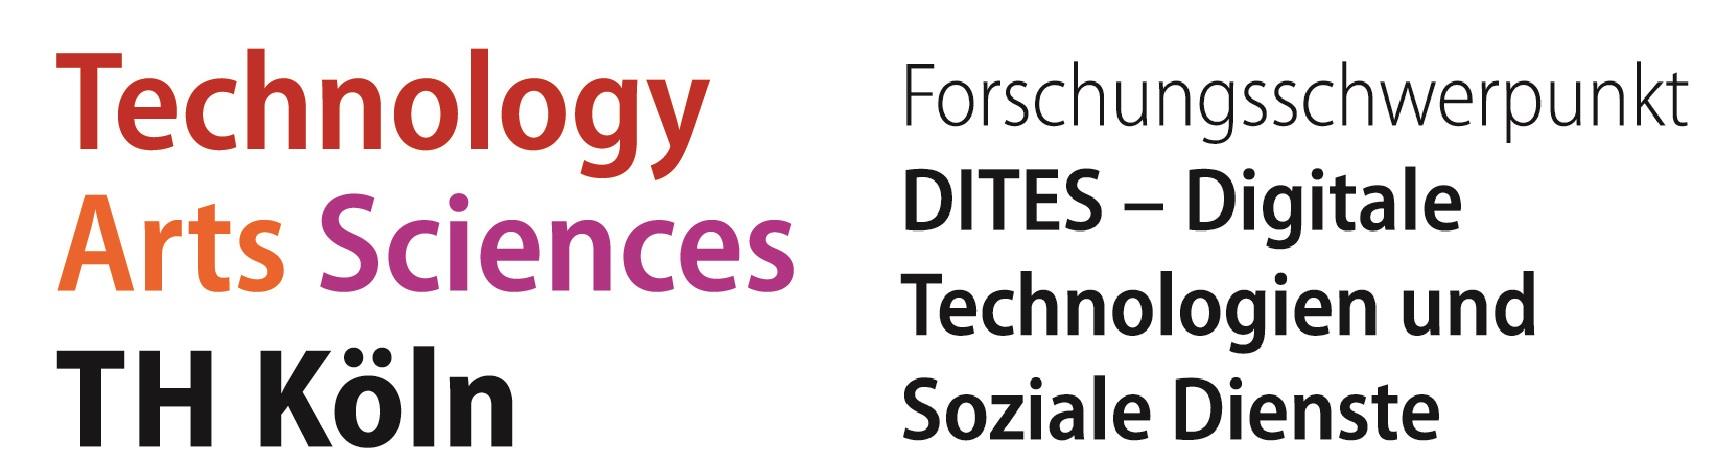 Logo des Forschungsschwerpunkts